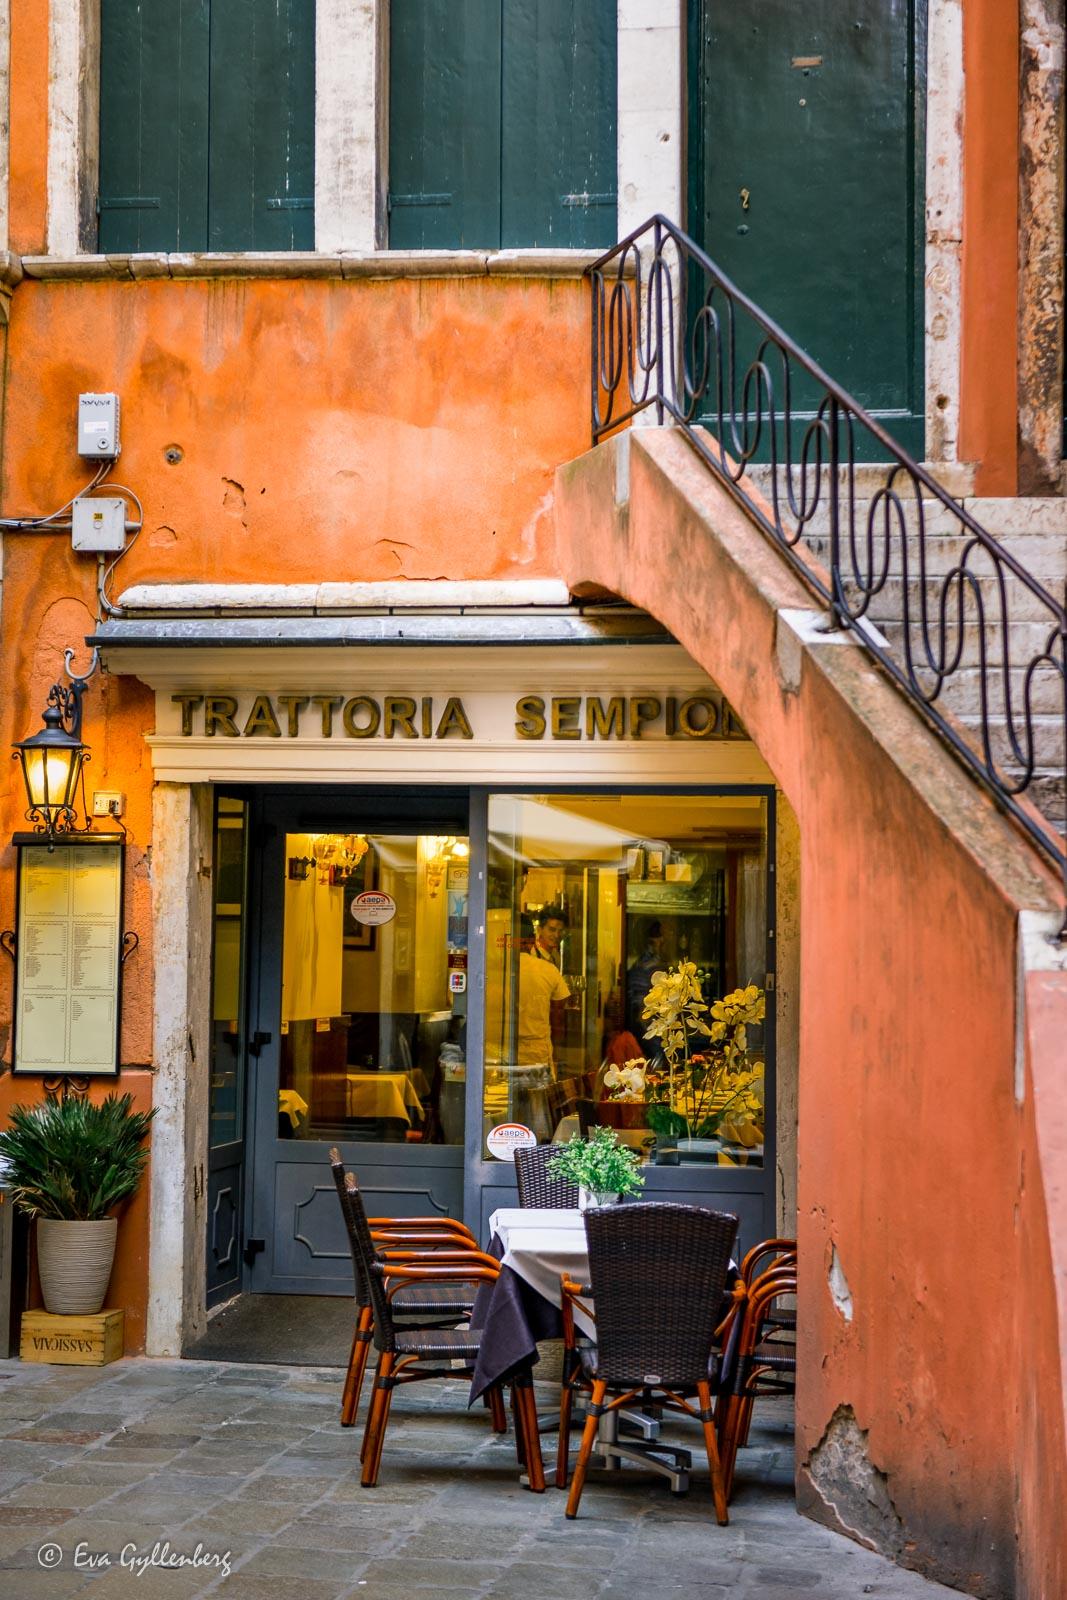 Trattoria i Venedig